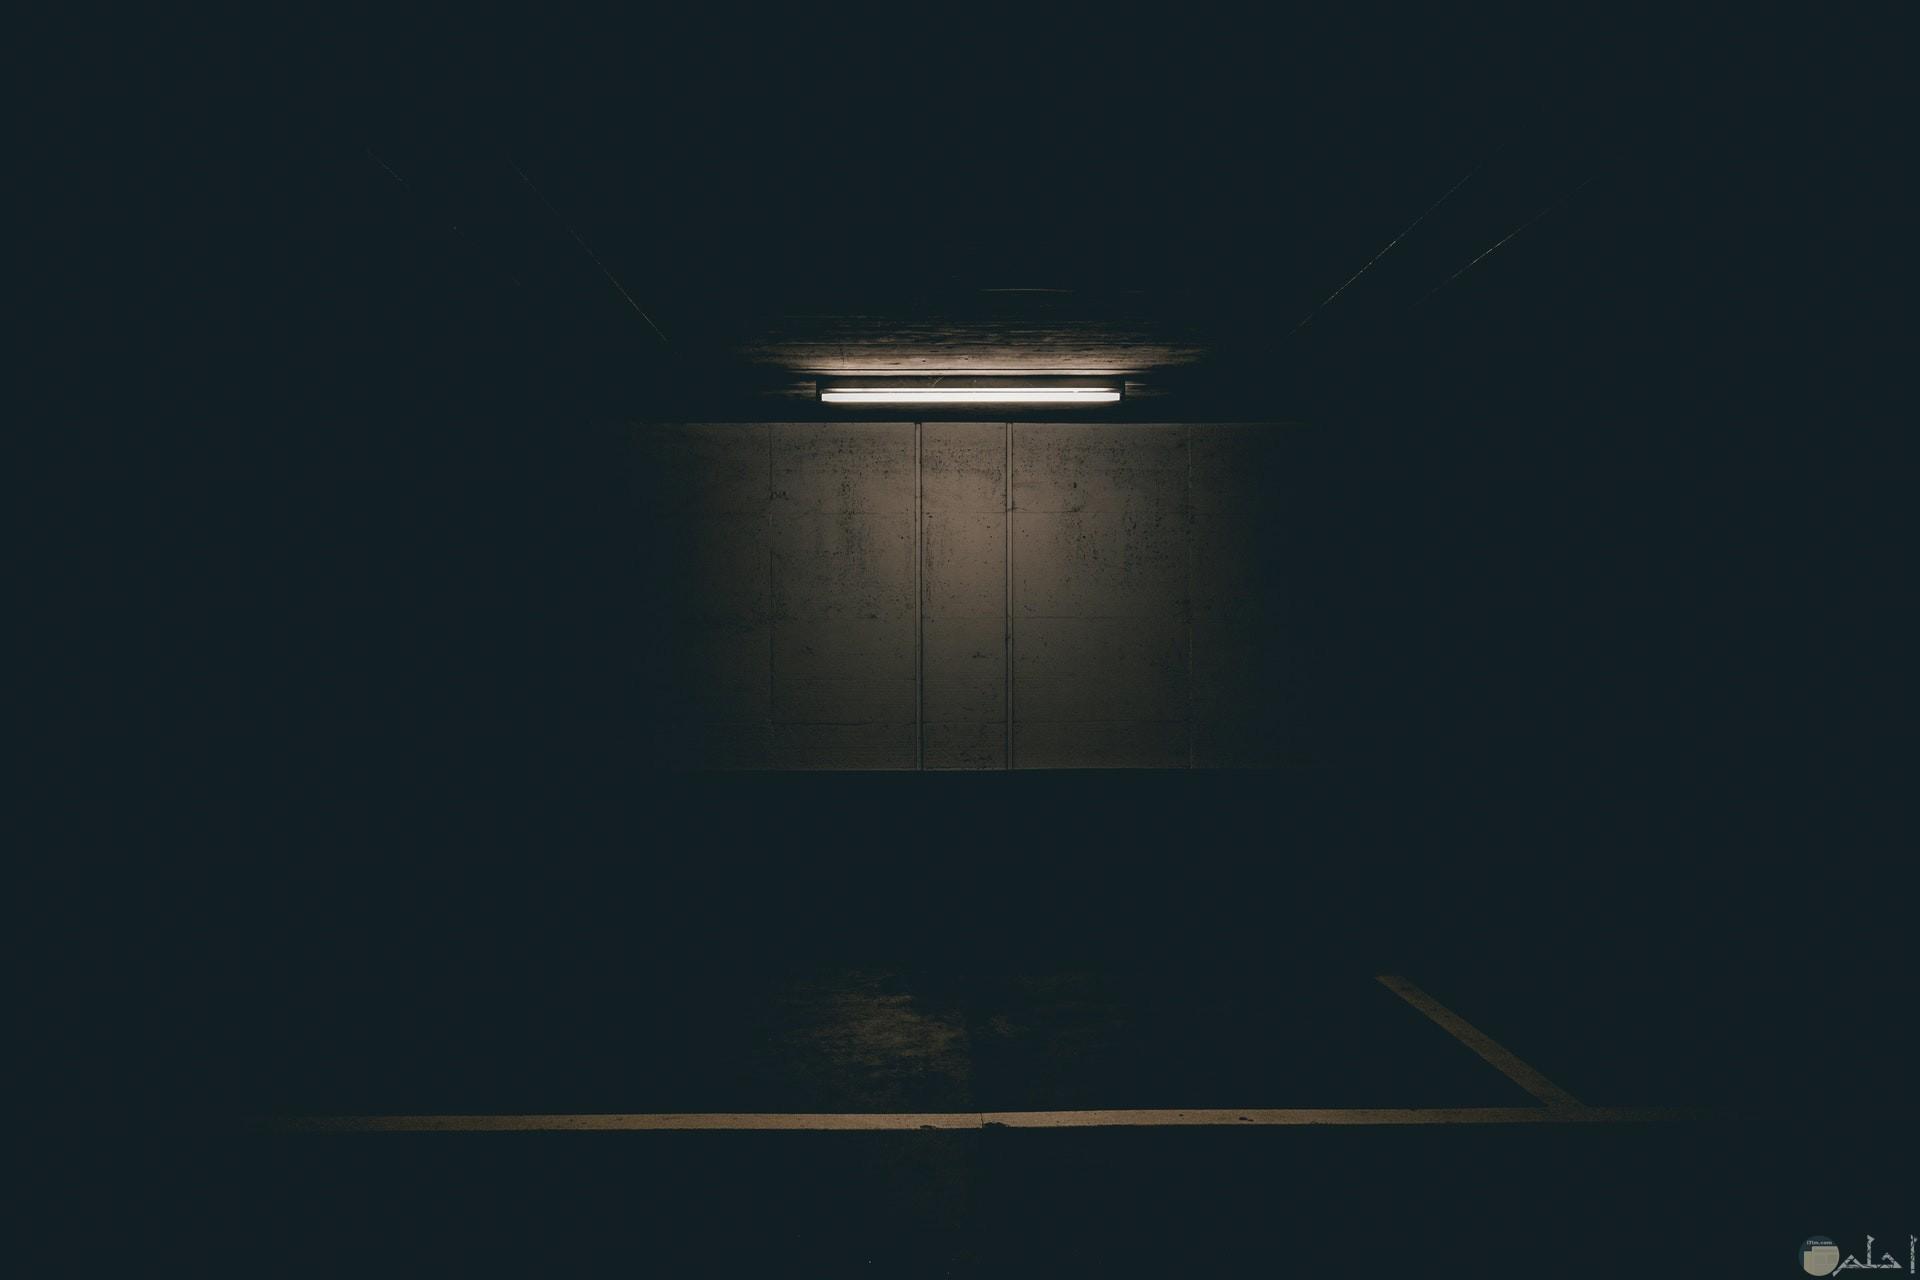 صورة مرعبة لمكان مهجور مع إضاءة خافتة مخيفة